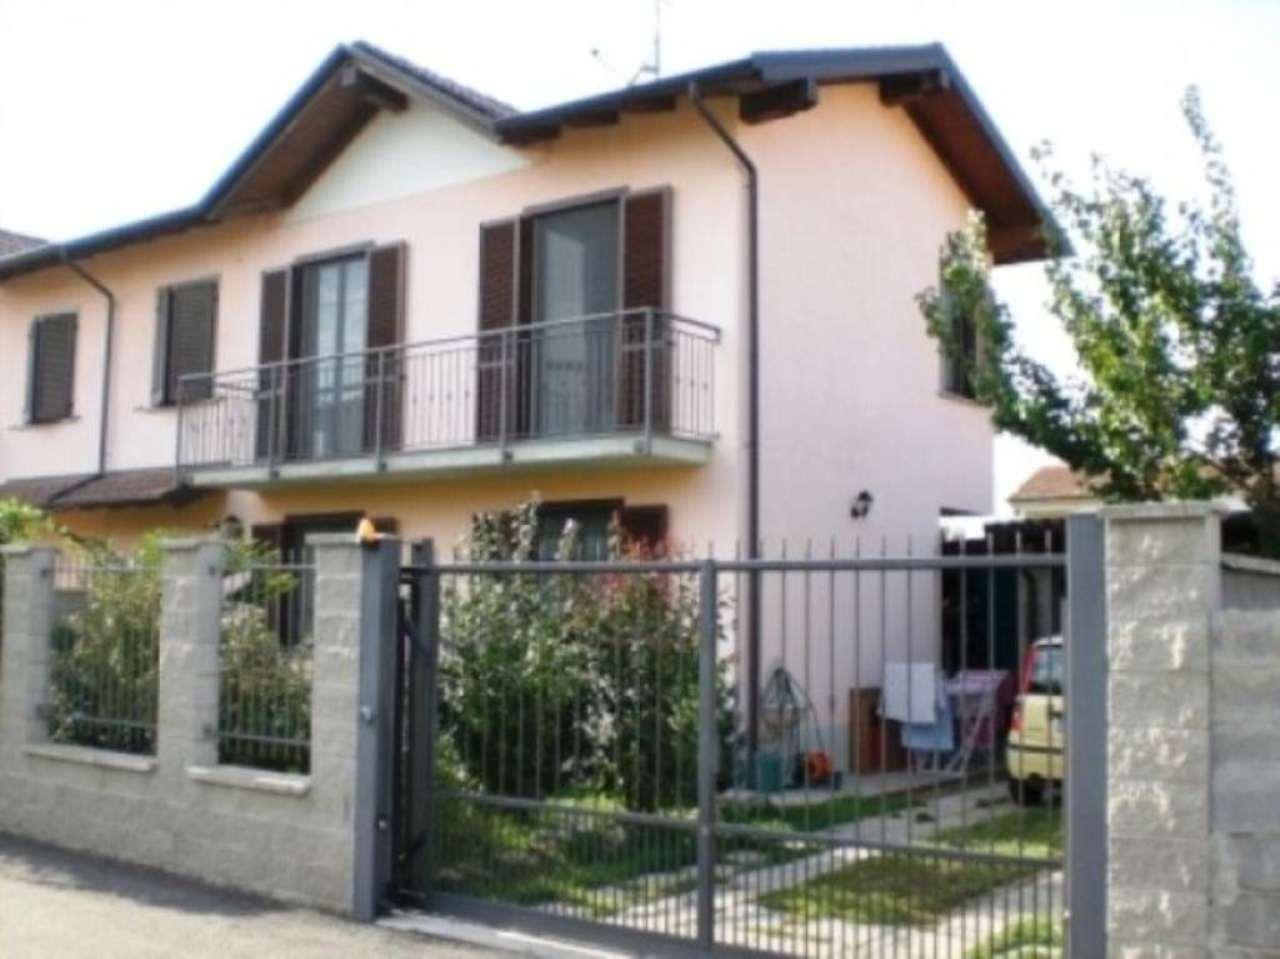 Villa in vendita a Dorno, 4 locali, prezzo € 145.000 | CambioCasa.it